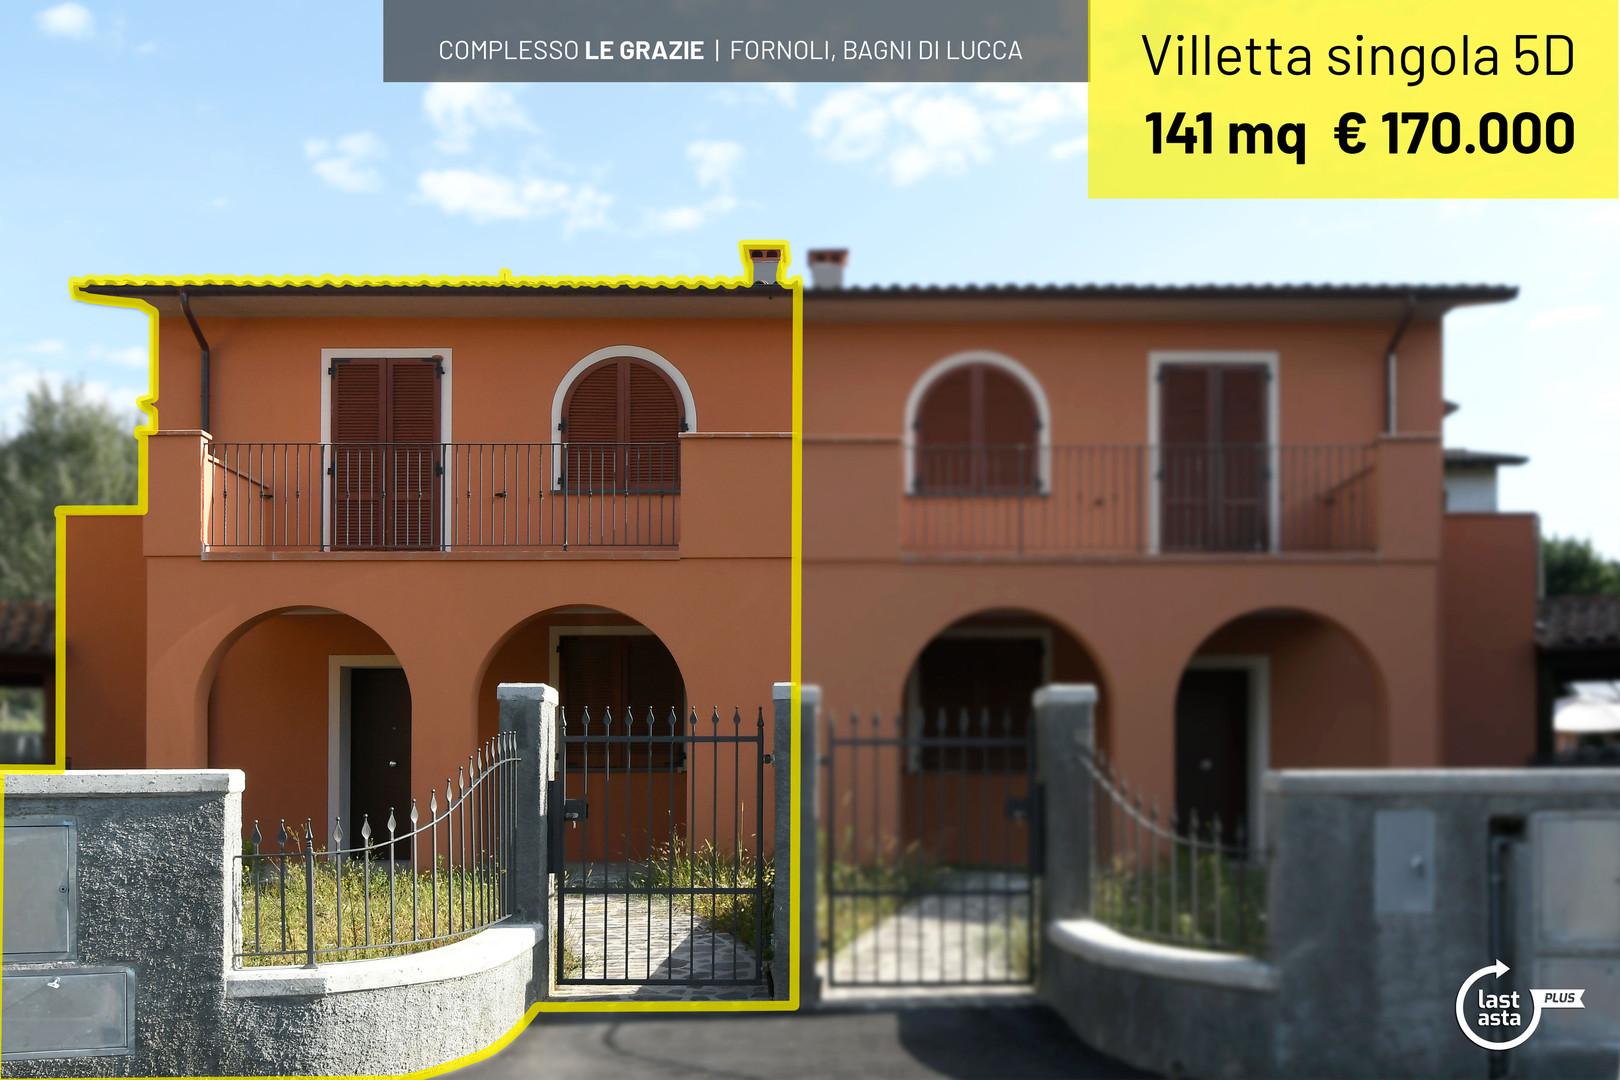 Villetta 5D 3 camere